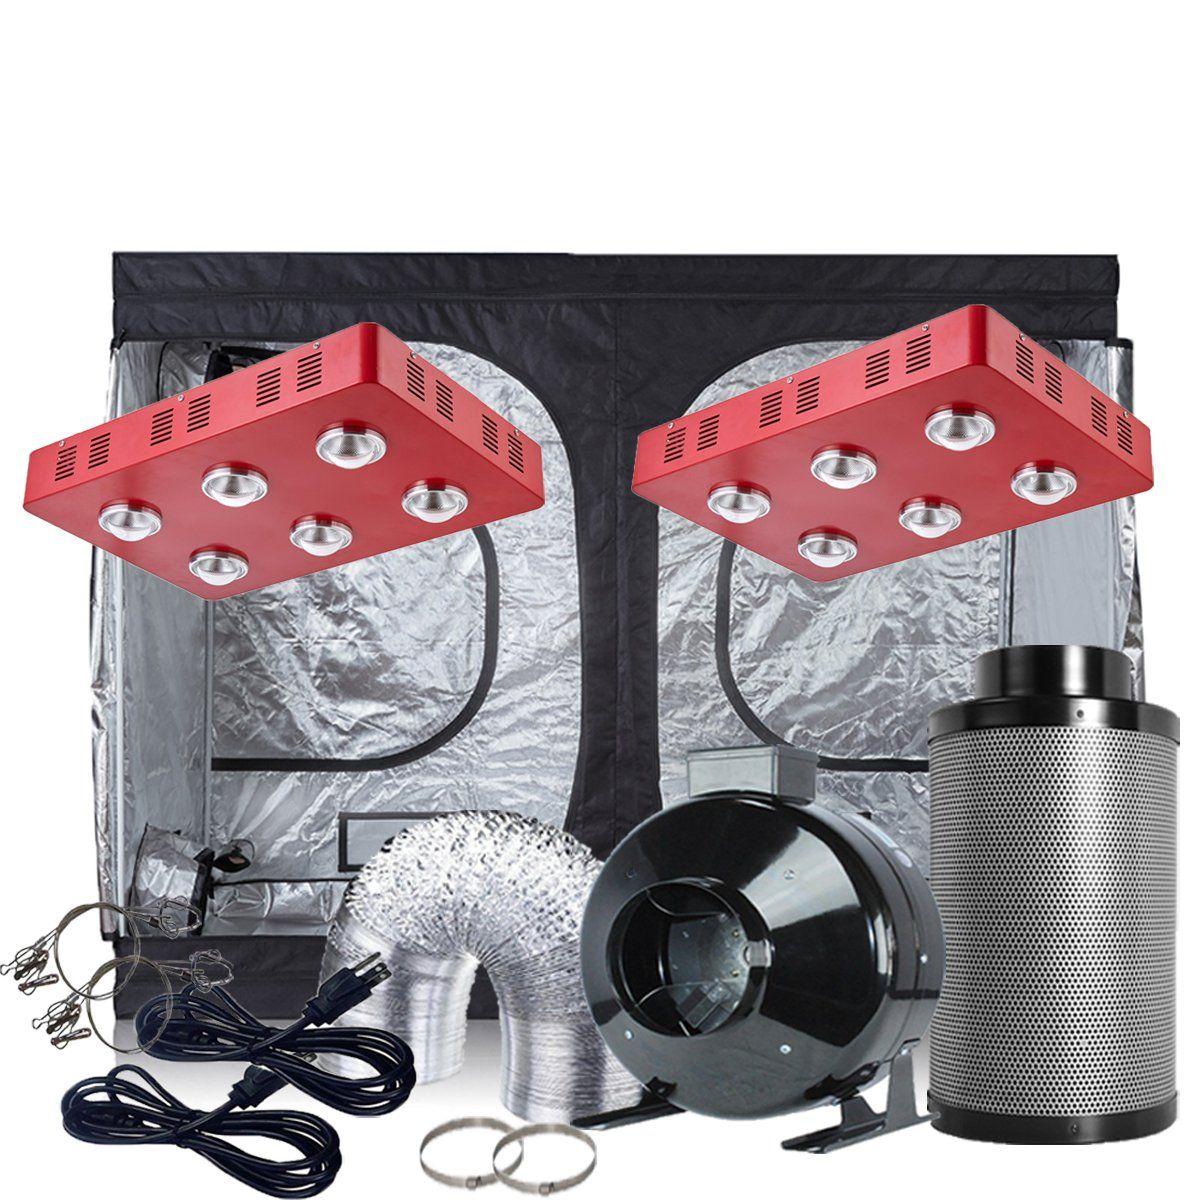 Amazon.com : Oppolite Indoor Grow Tent Kit Complete ...